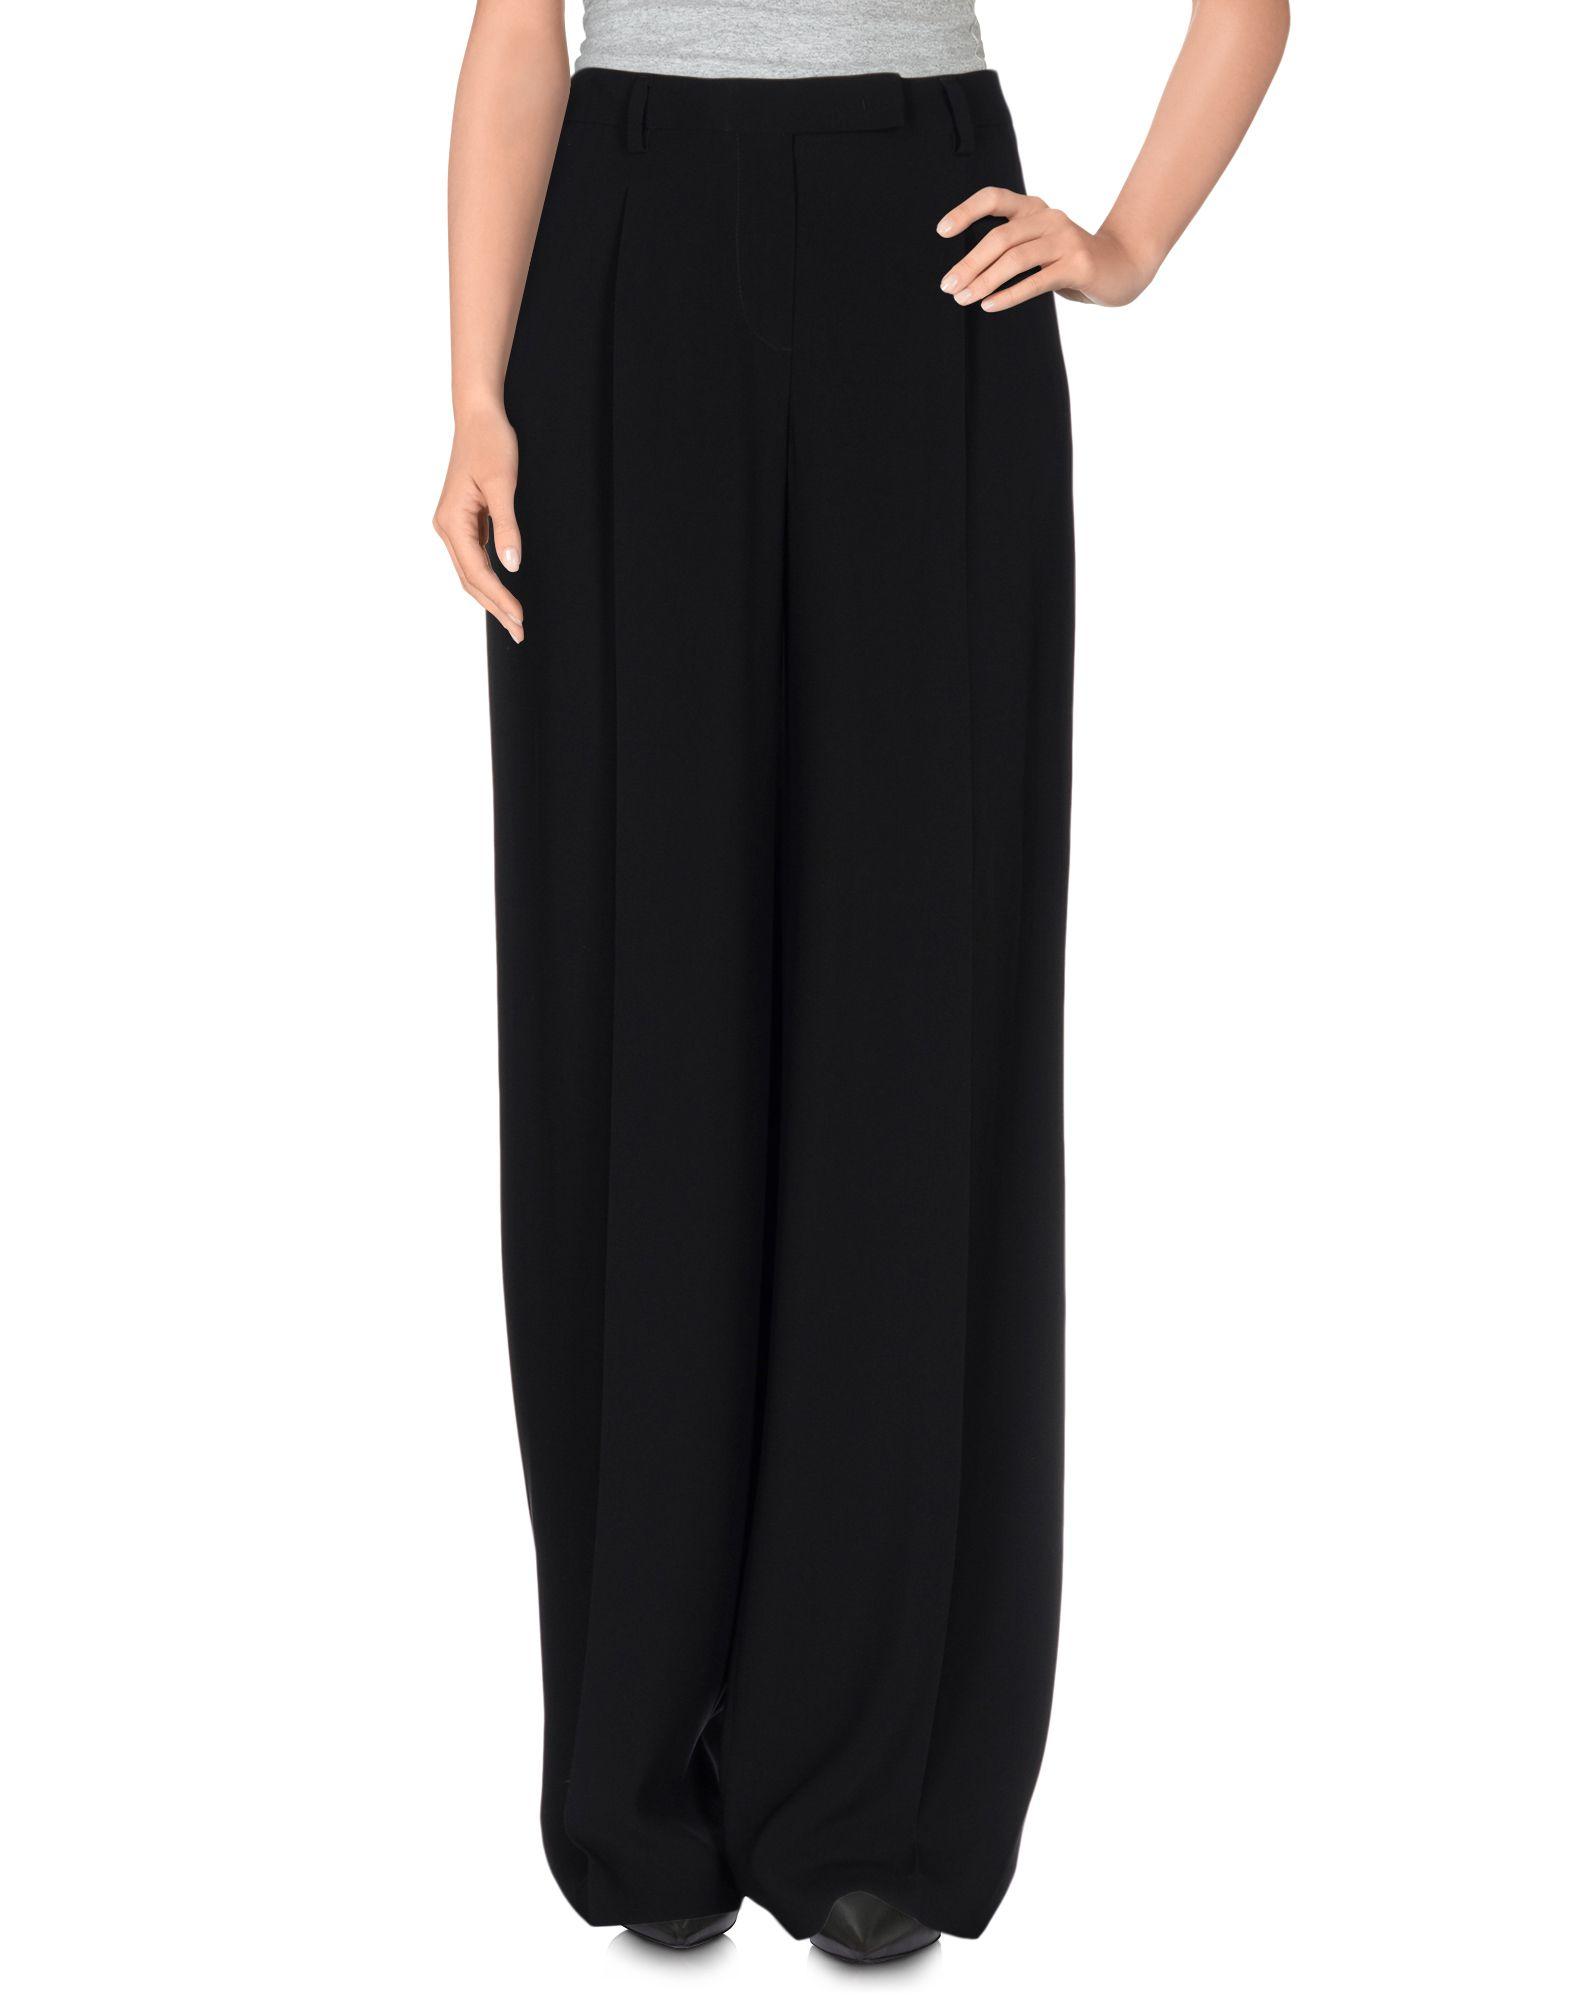 Pantalone Seventy Sergio Tegon Donna - Acquista online su HlrLkiZea